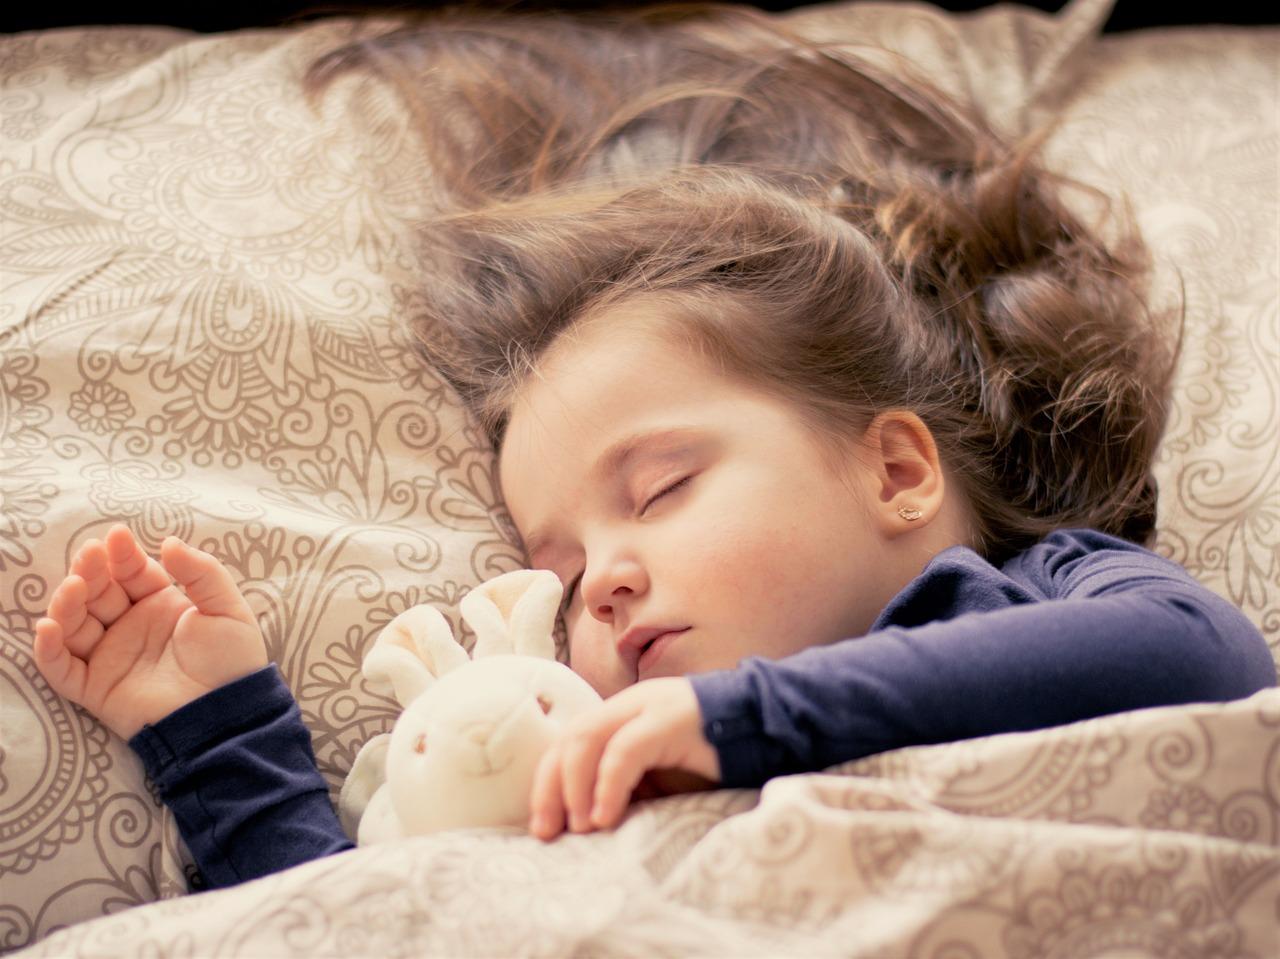 Co zrobić, gdy dziecko nie chce spać?